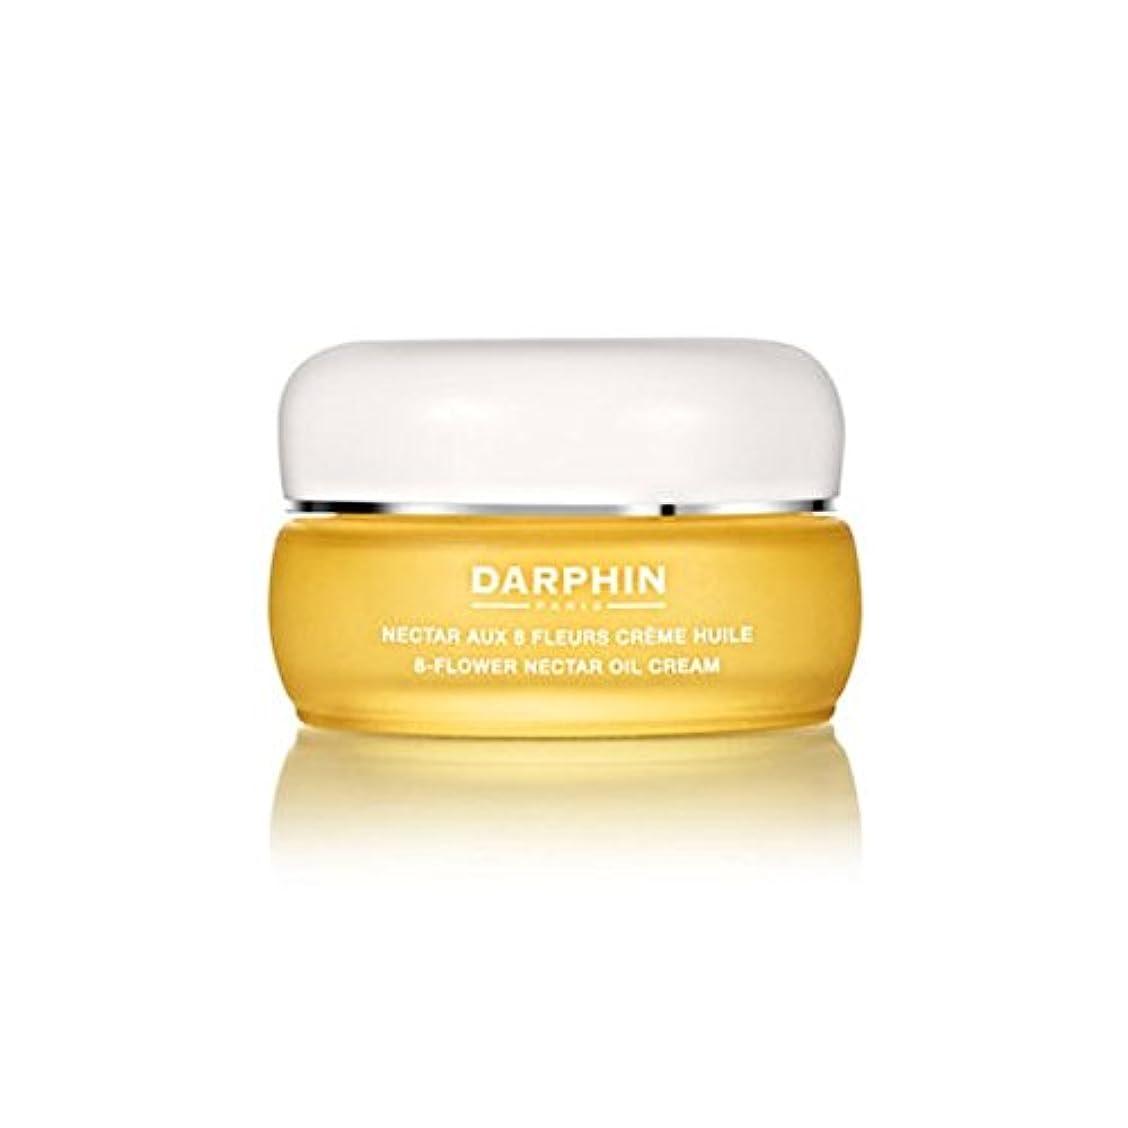 パイ夫婦インターネットダルファン8フラワー油クリーム(30ミリリットル) x2 - Darphin 8-Flower Oil Cream (30ml) (Pack of 2) [並行輸入品]